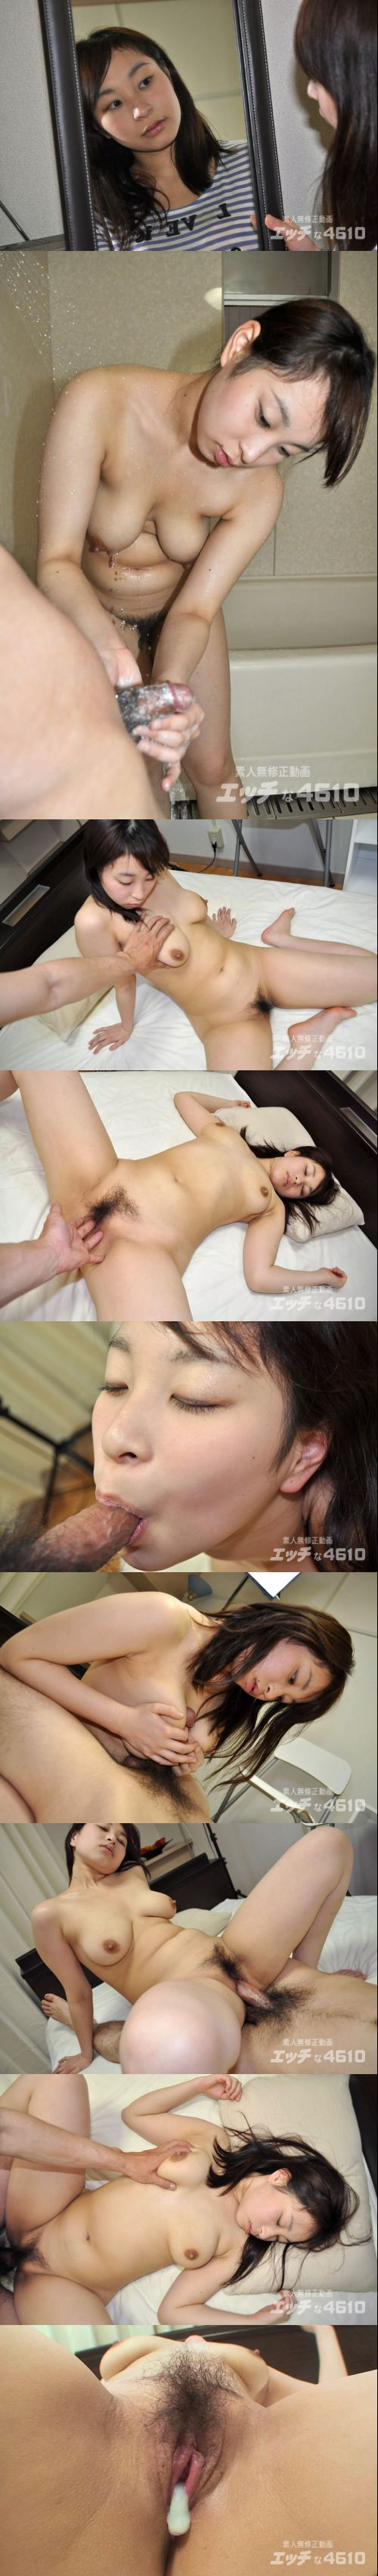 H4610 ori717 綾野佳澄 Kasumi Ayano - image 4c187458 on https://javfree.me